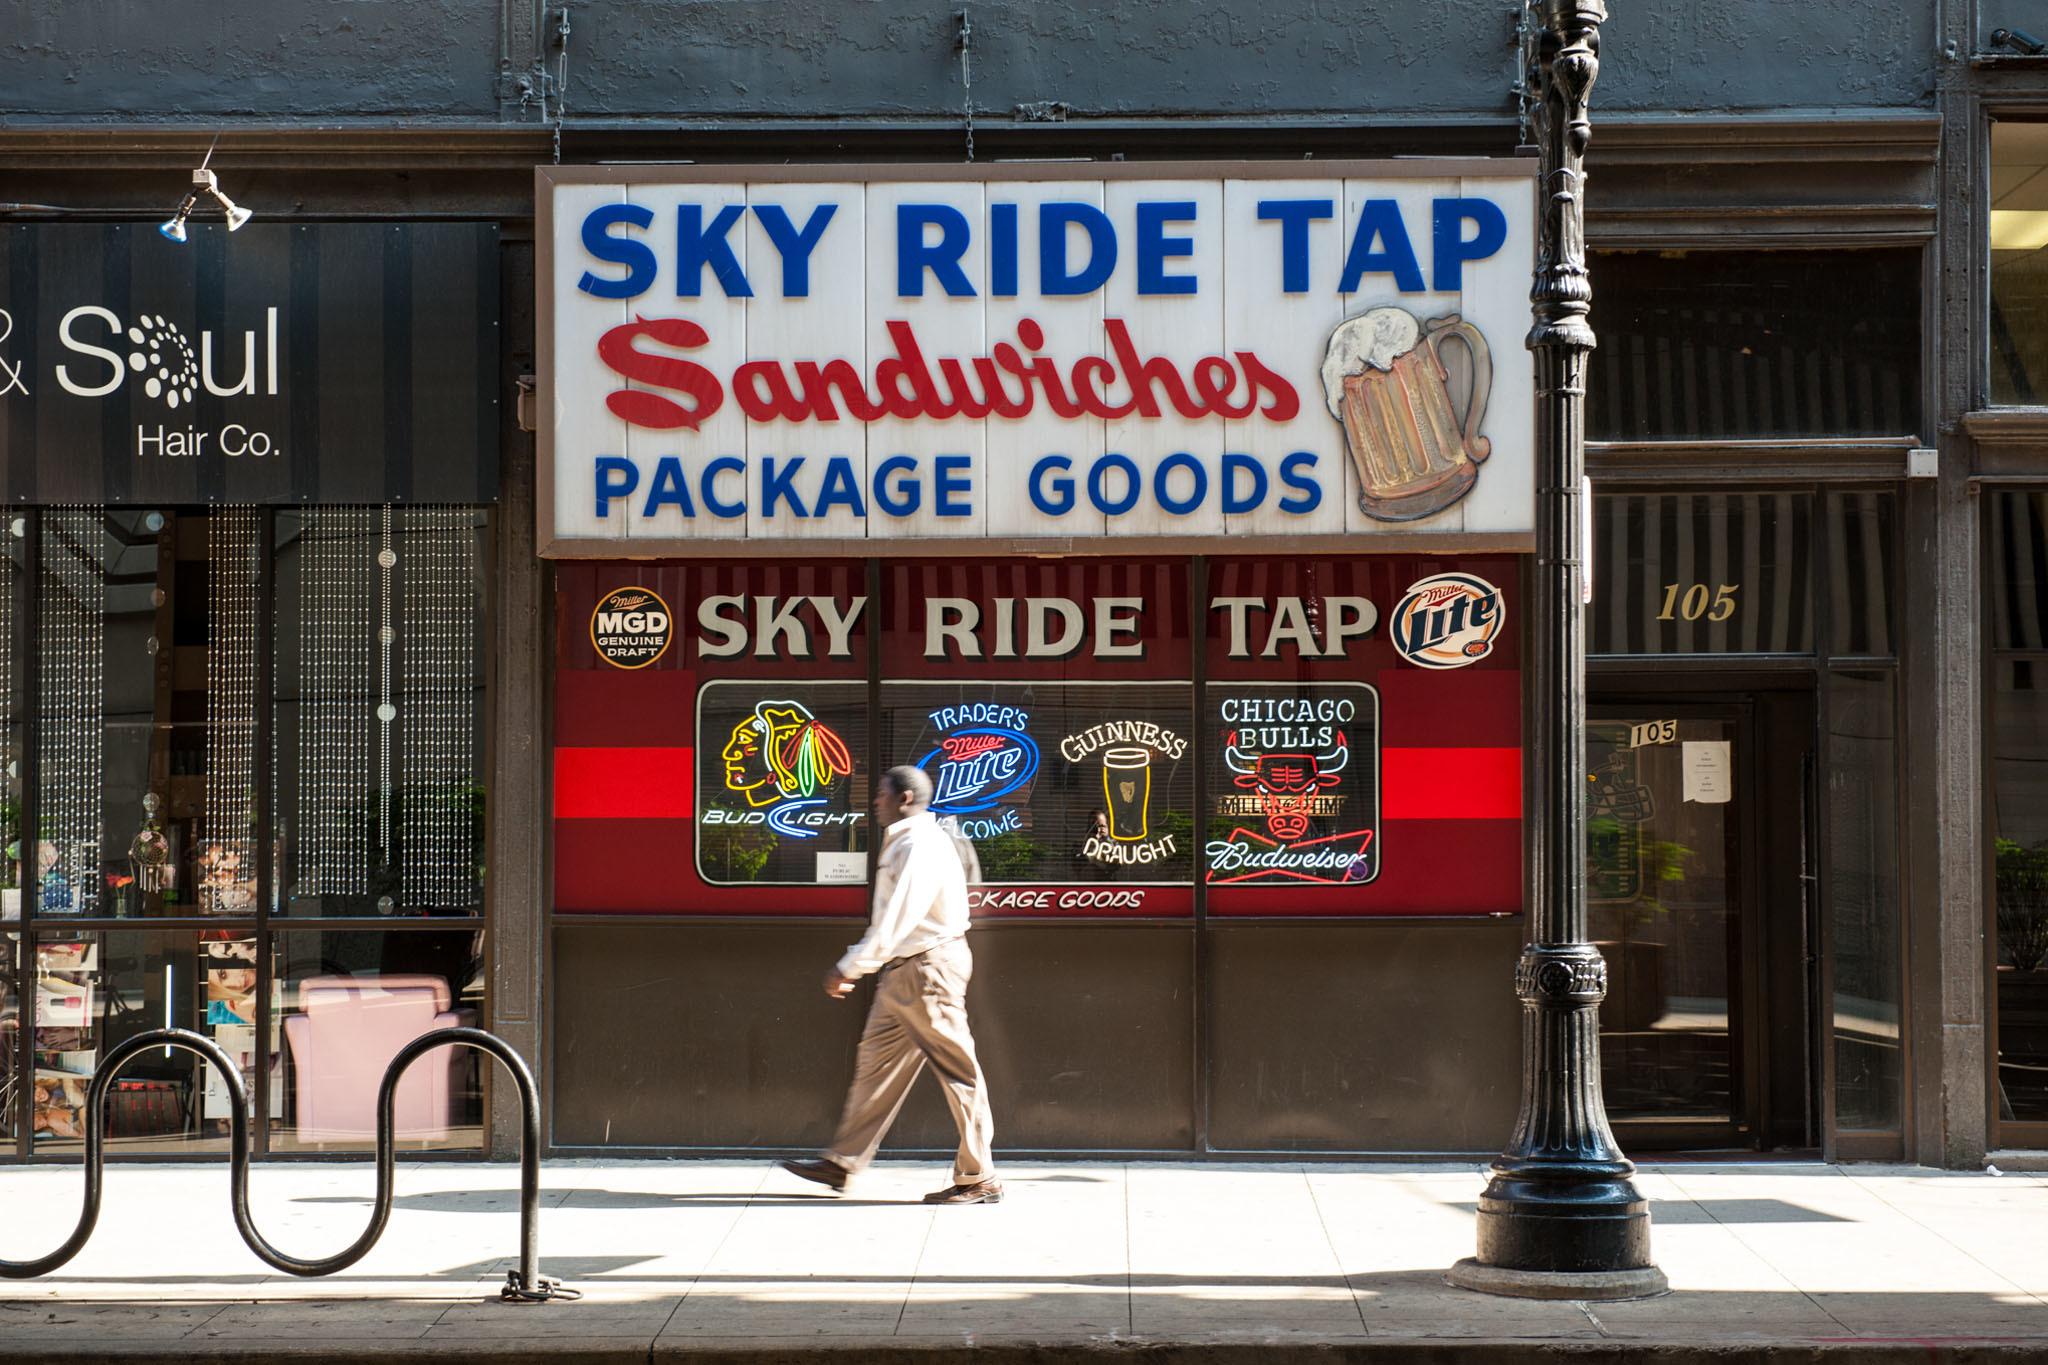 SkyRideTap.Venue.jpg